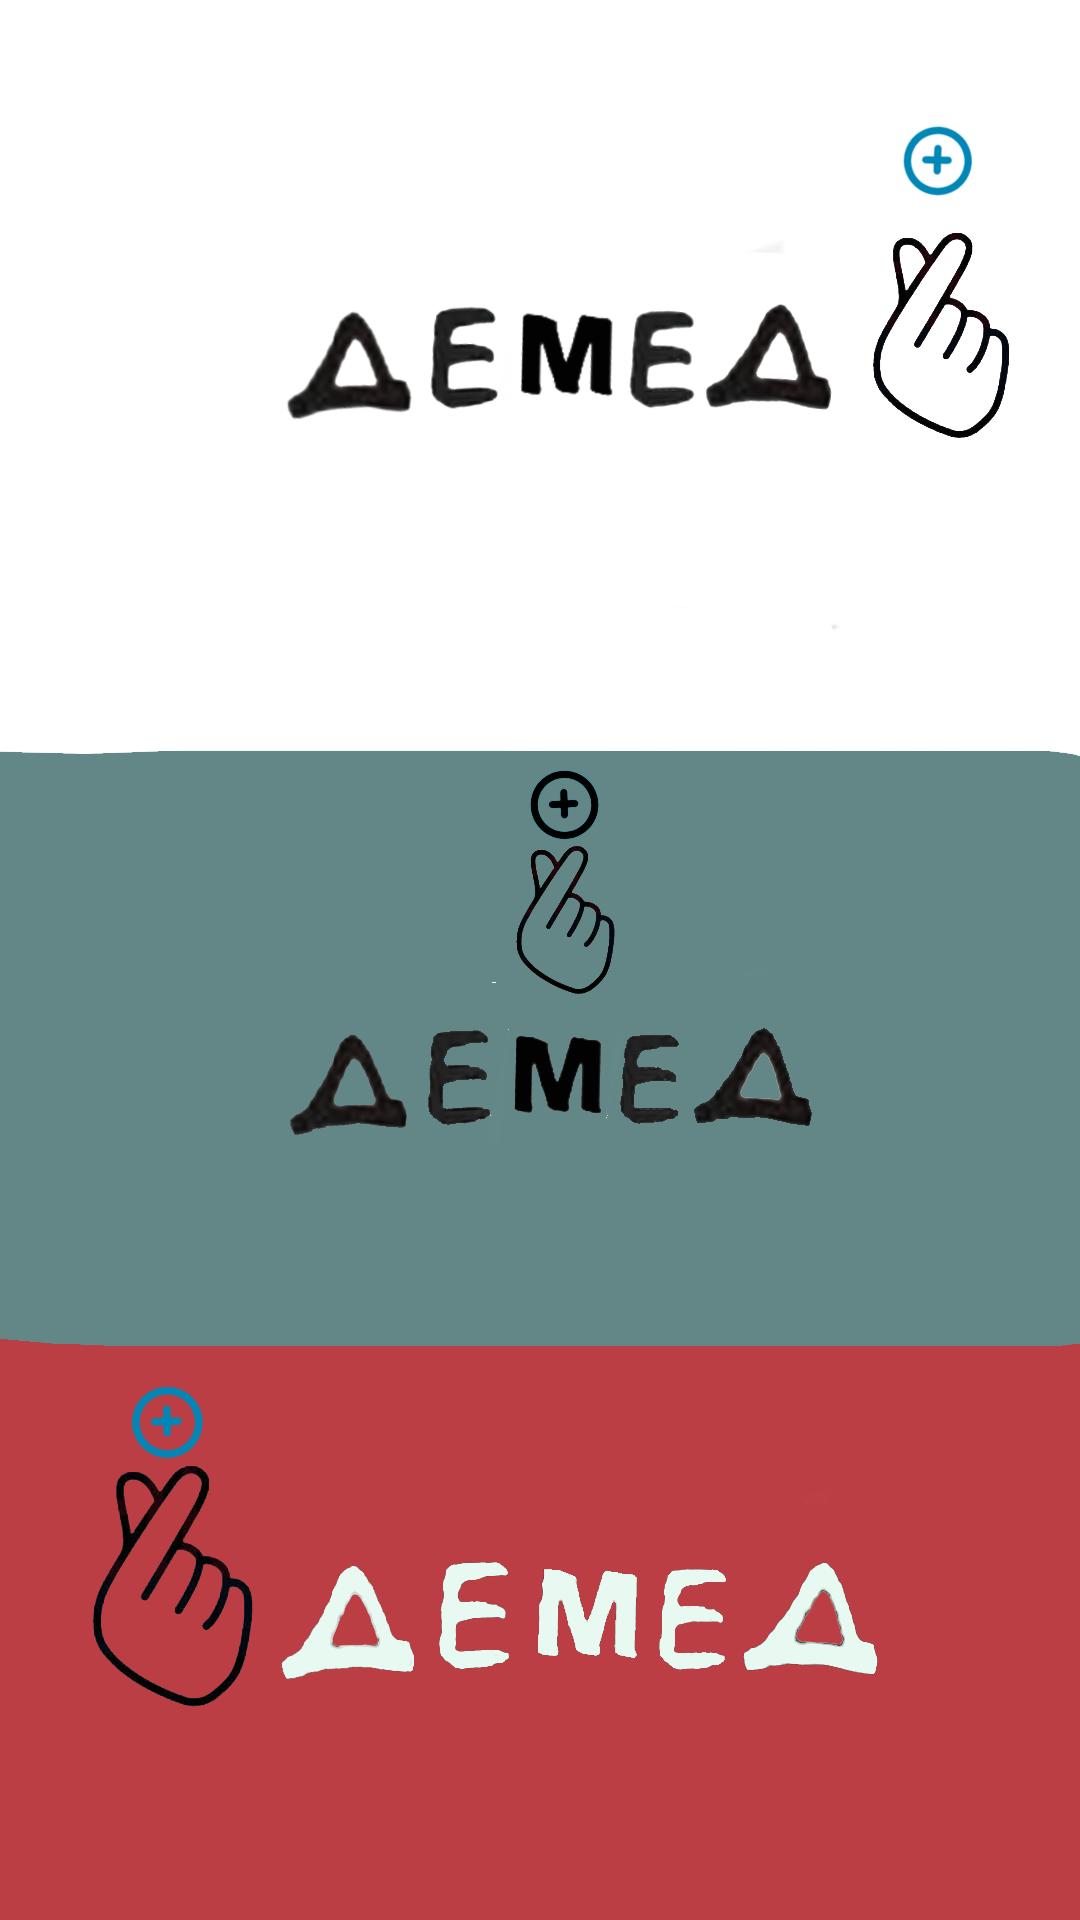 Логотип медицинского центра фото f_3215dccabc65aea4.png